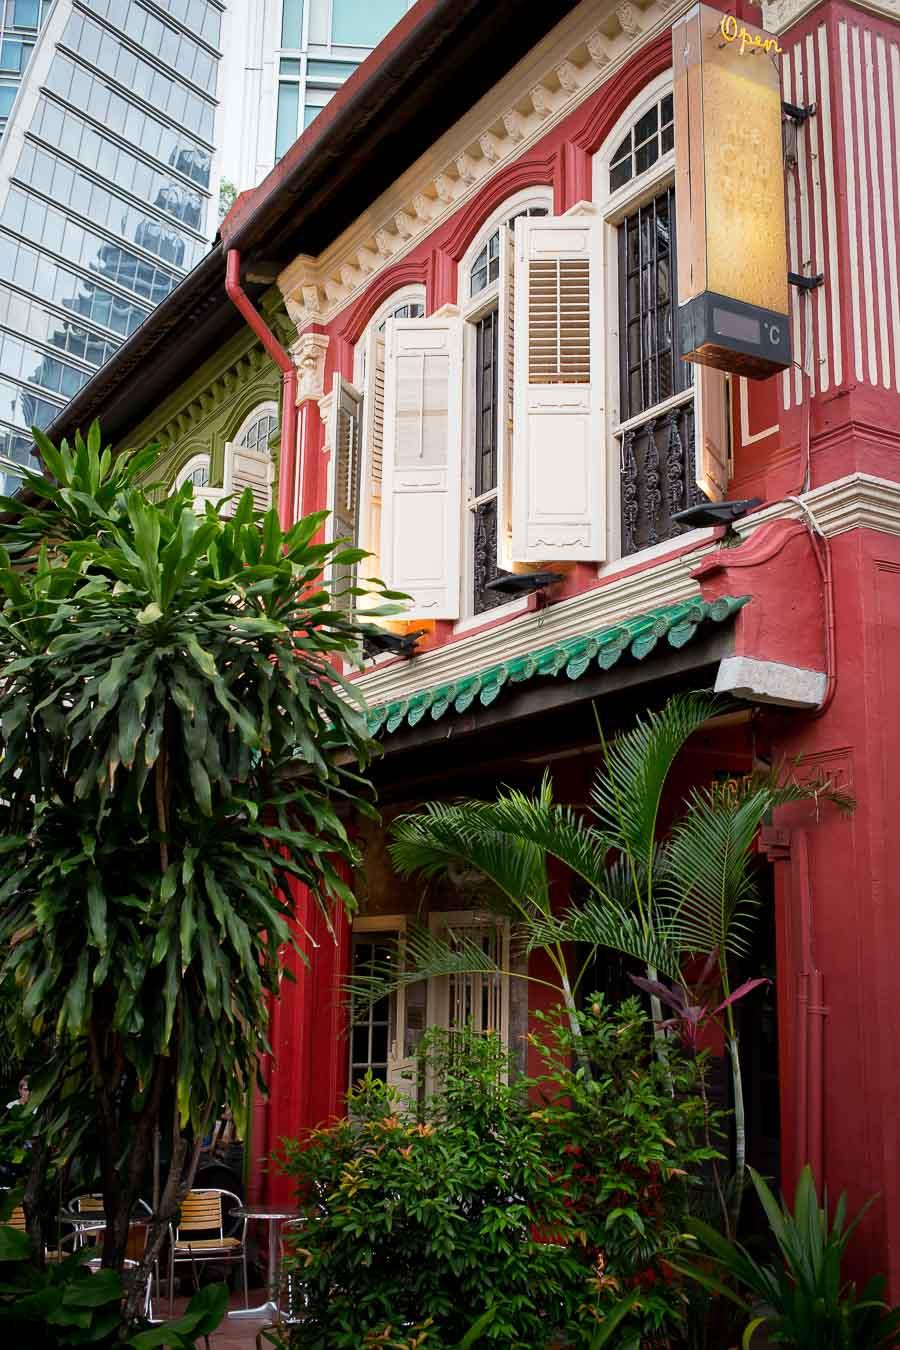 food-tour-singapore-damian-dsilva-10